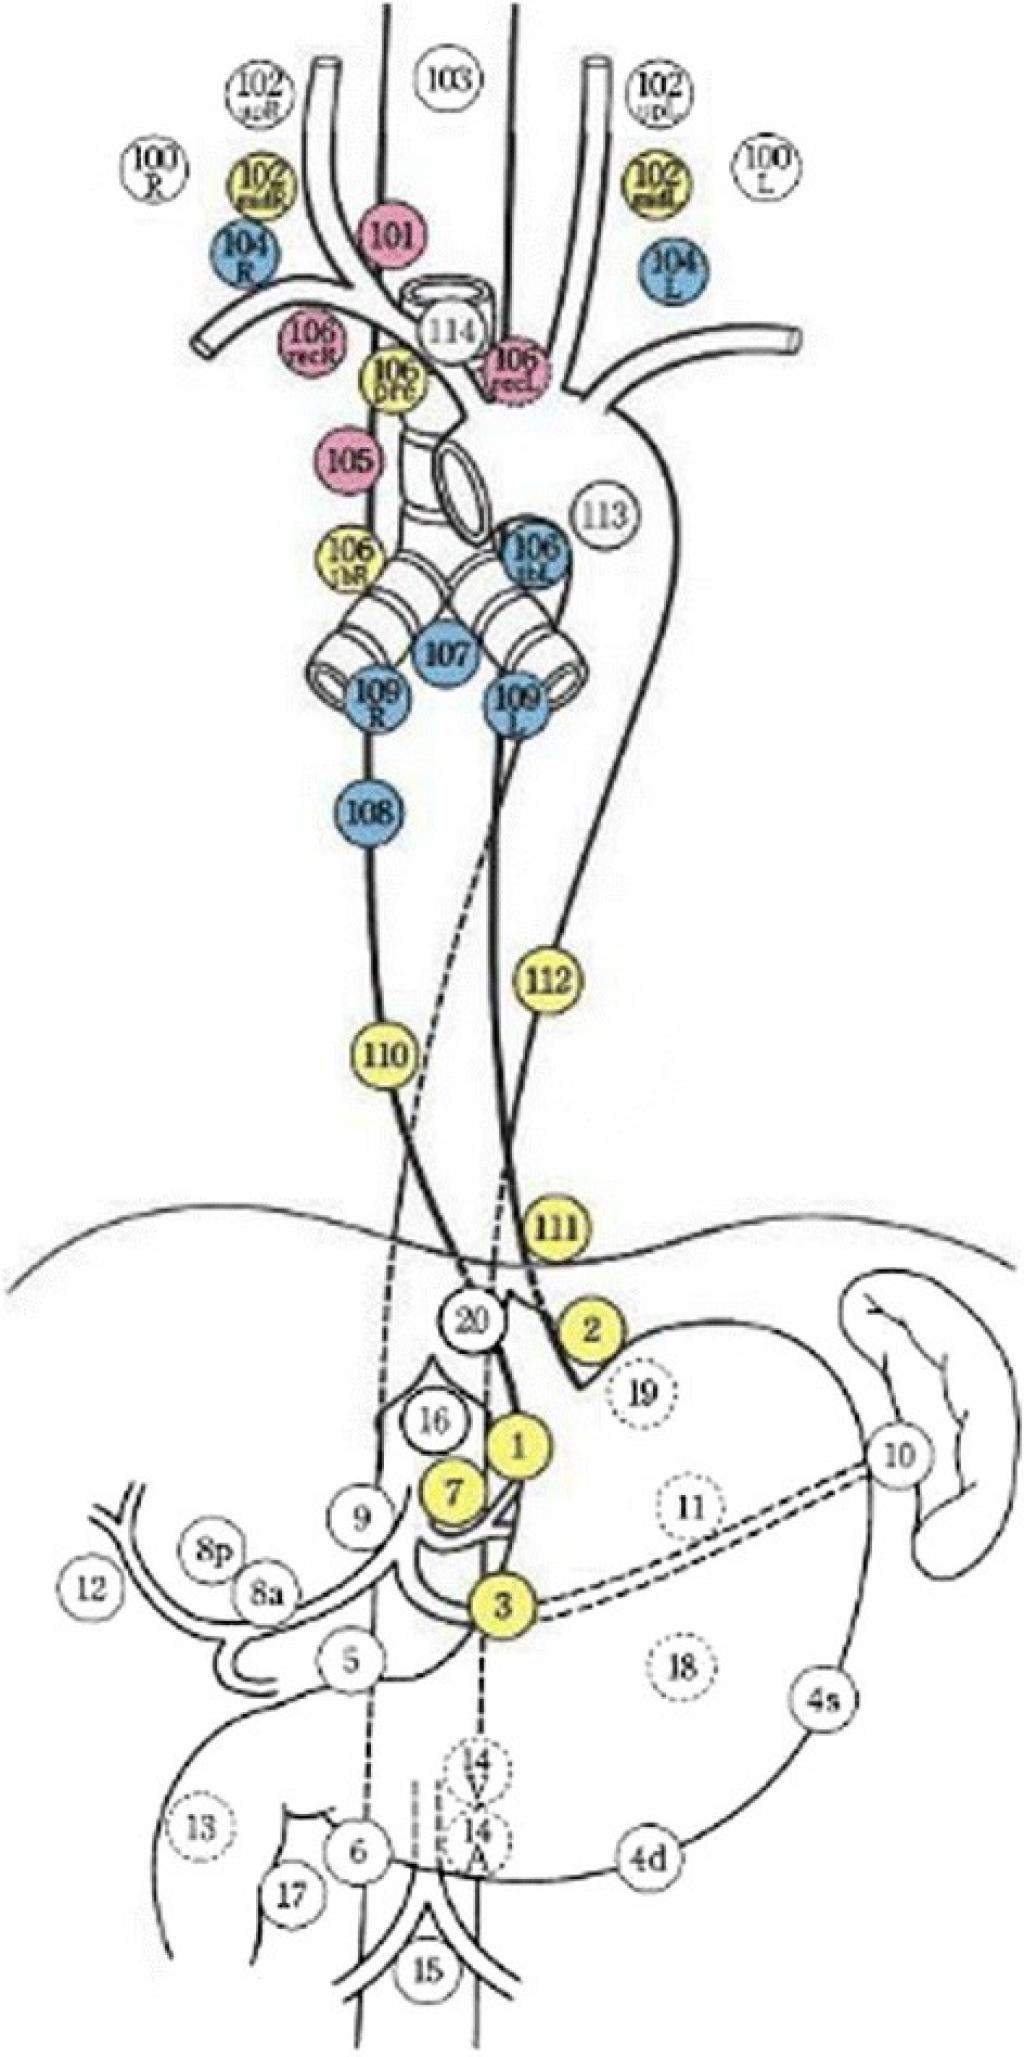 Топография лимфатических узлов желудочно-кишечного тракта по японской классификации JSED